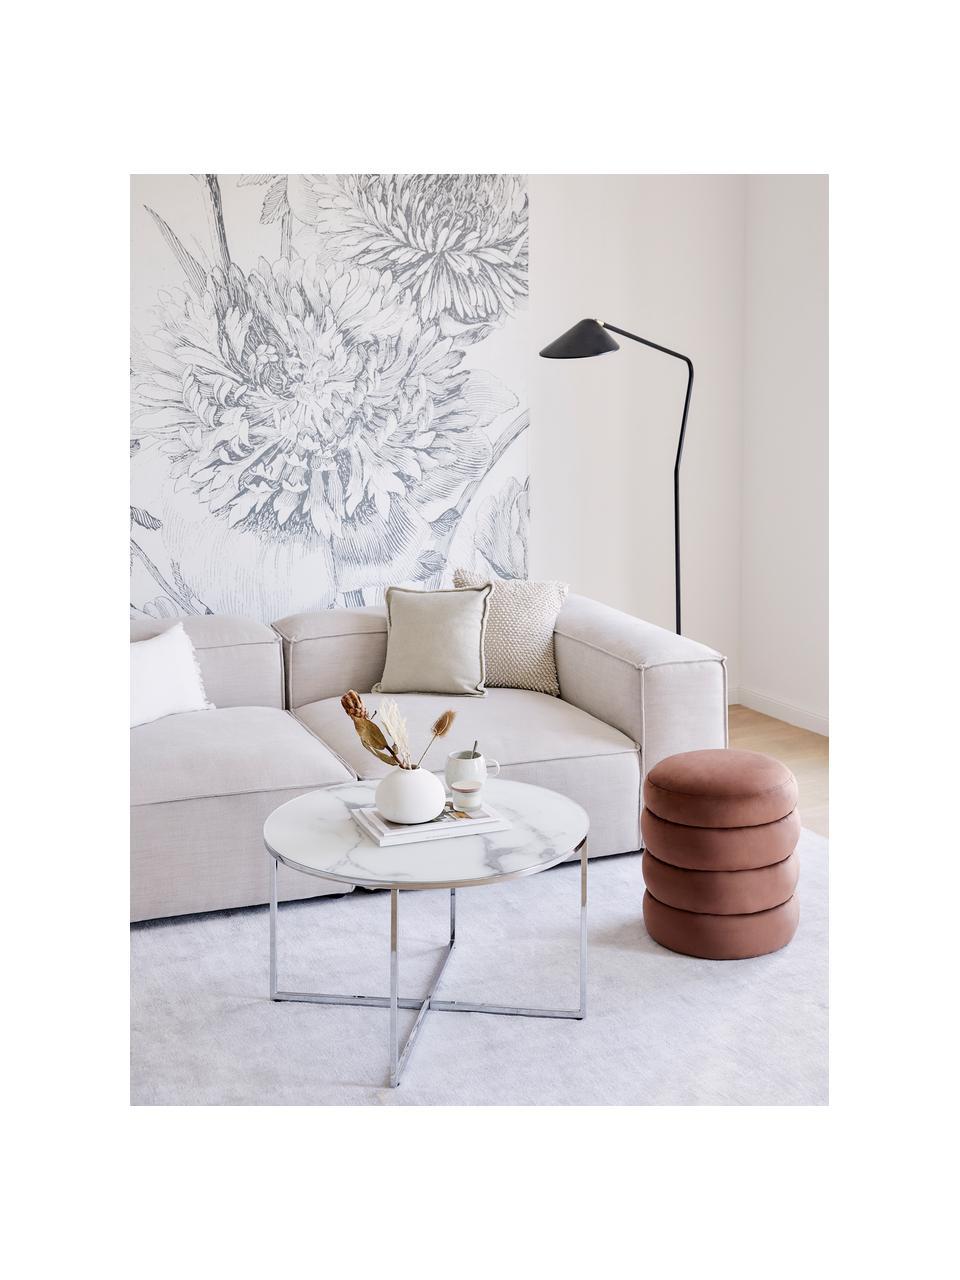 Couchtisch Antigua mit marmorierter Glasplatte, Tischplatte: Glas, matt bedruckt, Gestell: Metall, verchromt, Weiß-grau marmoriert, Chrom, Ø 80 x H 45 cm